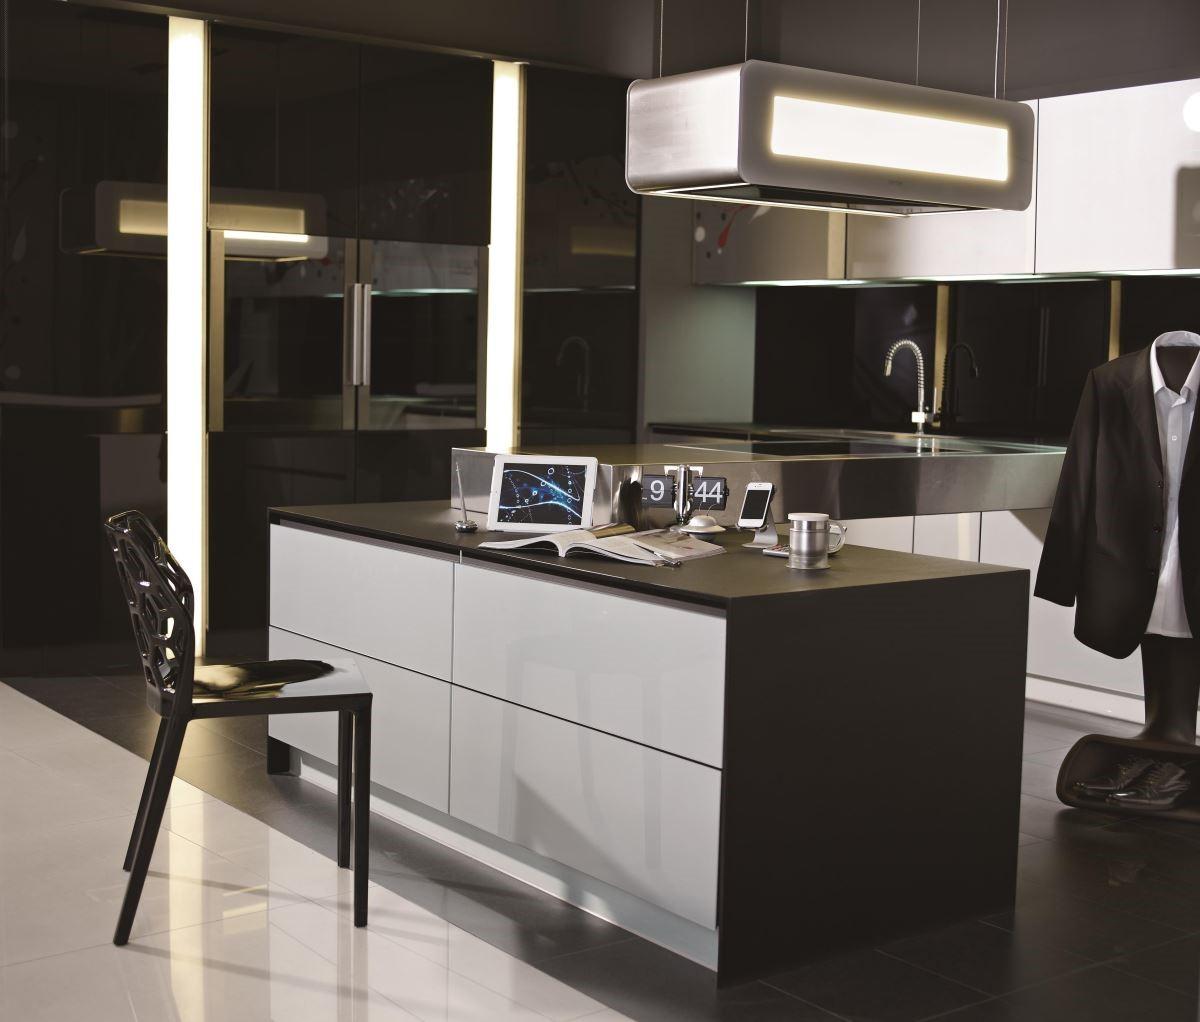 「璀璨系列」具照明功能的電動升降抽油煙機,優美造型,讓廚房中島變身多功能書房兼工作桌。